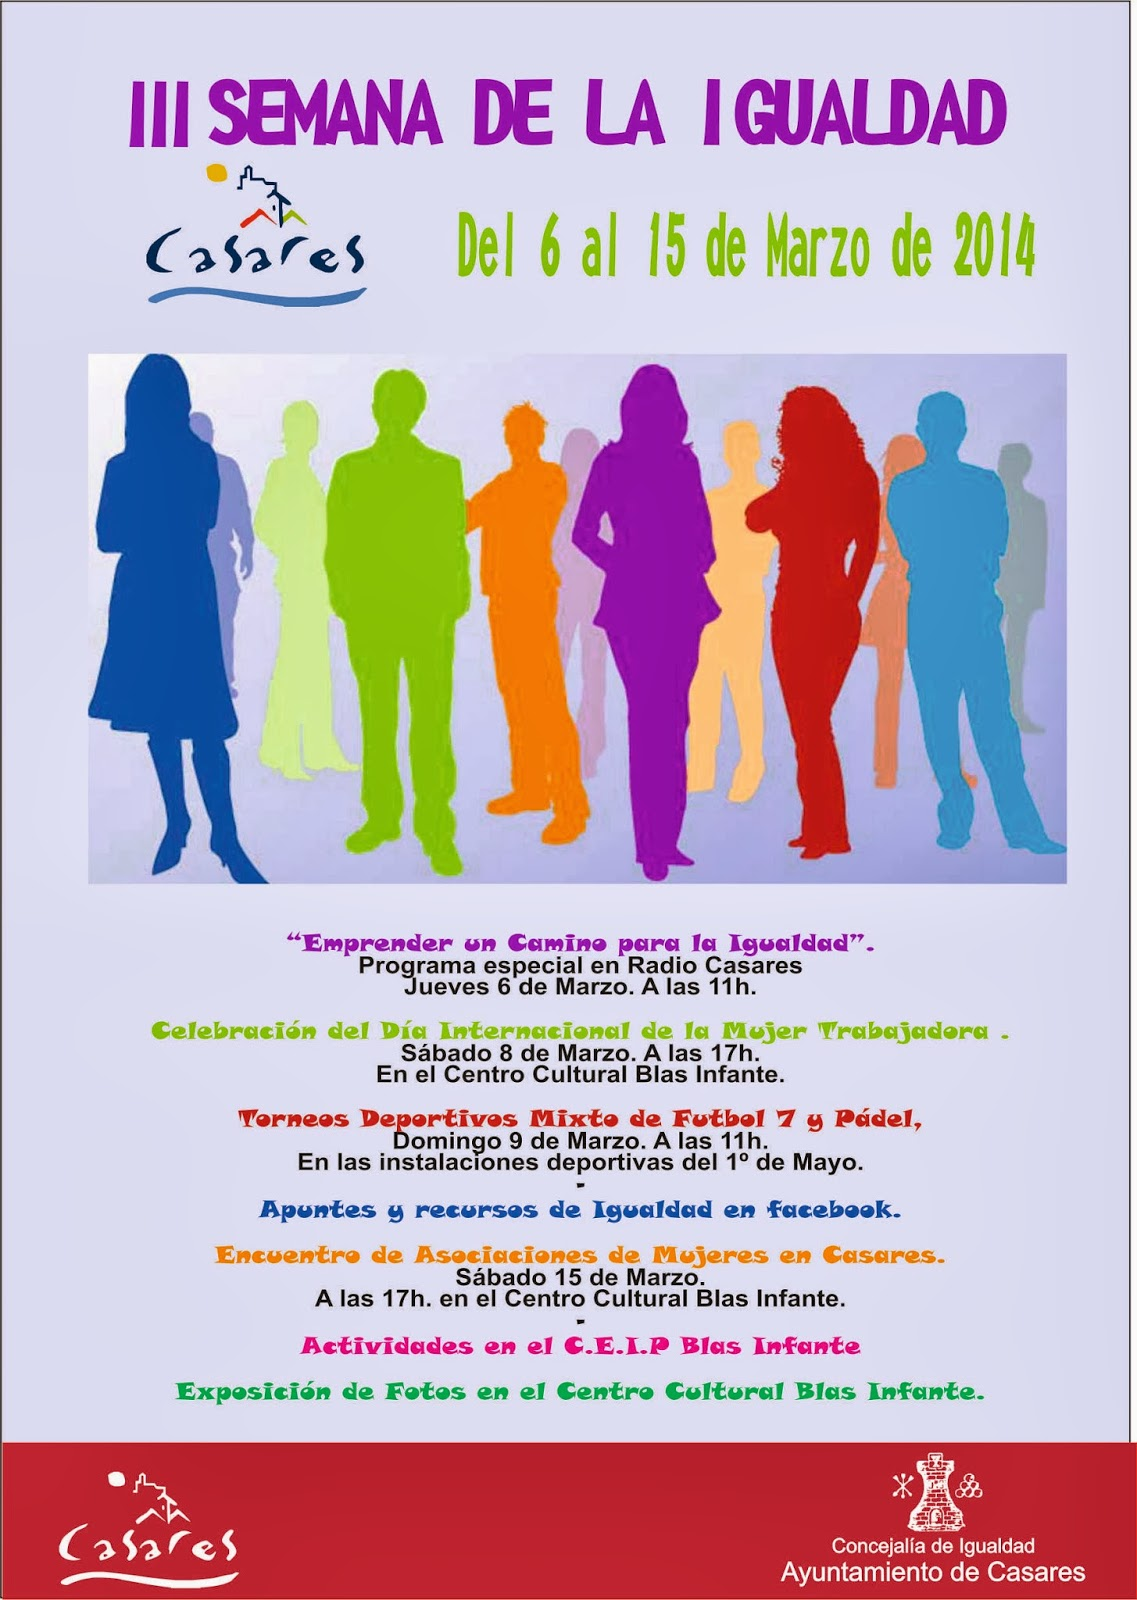 informaccion sobre dia mujer trabajadora: